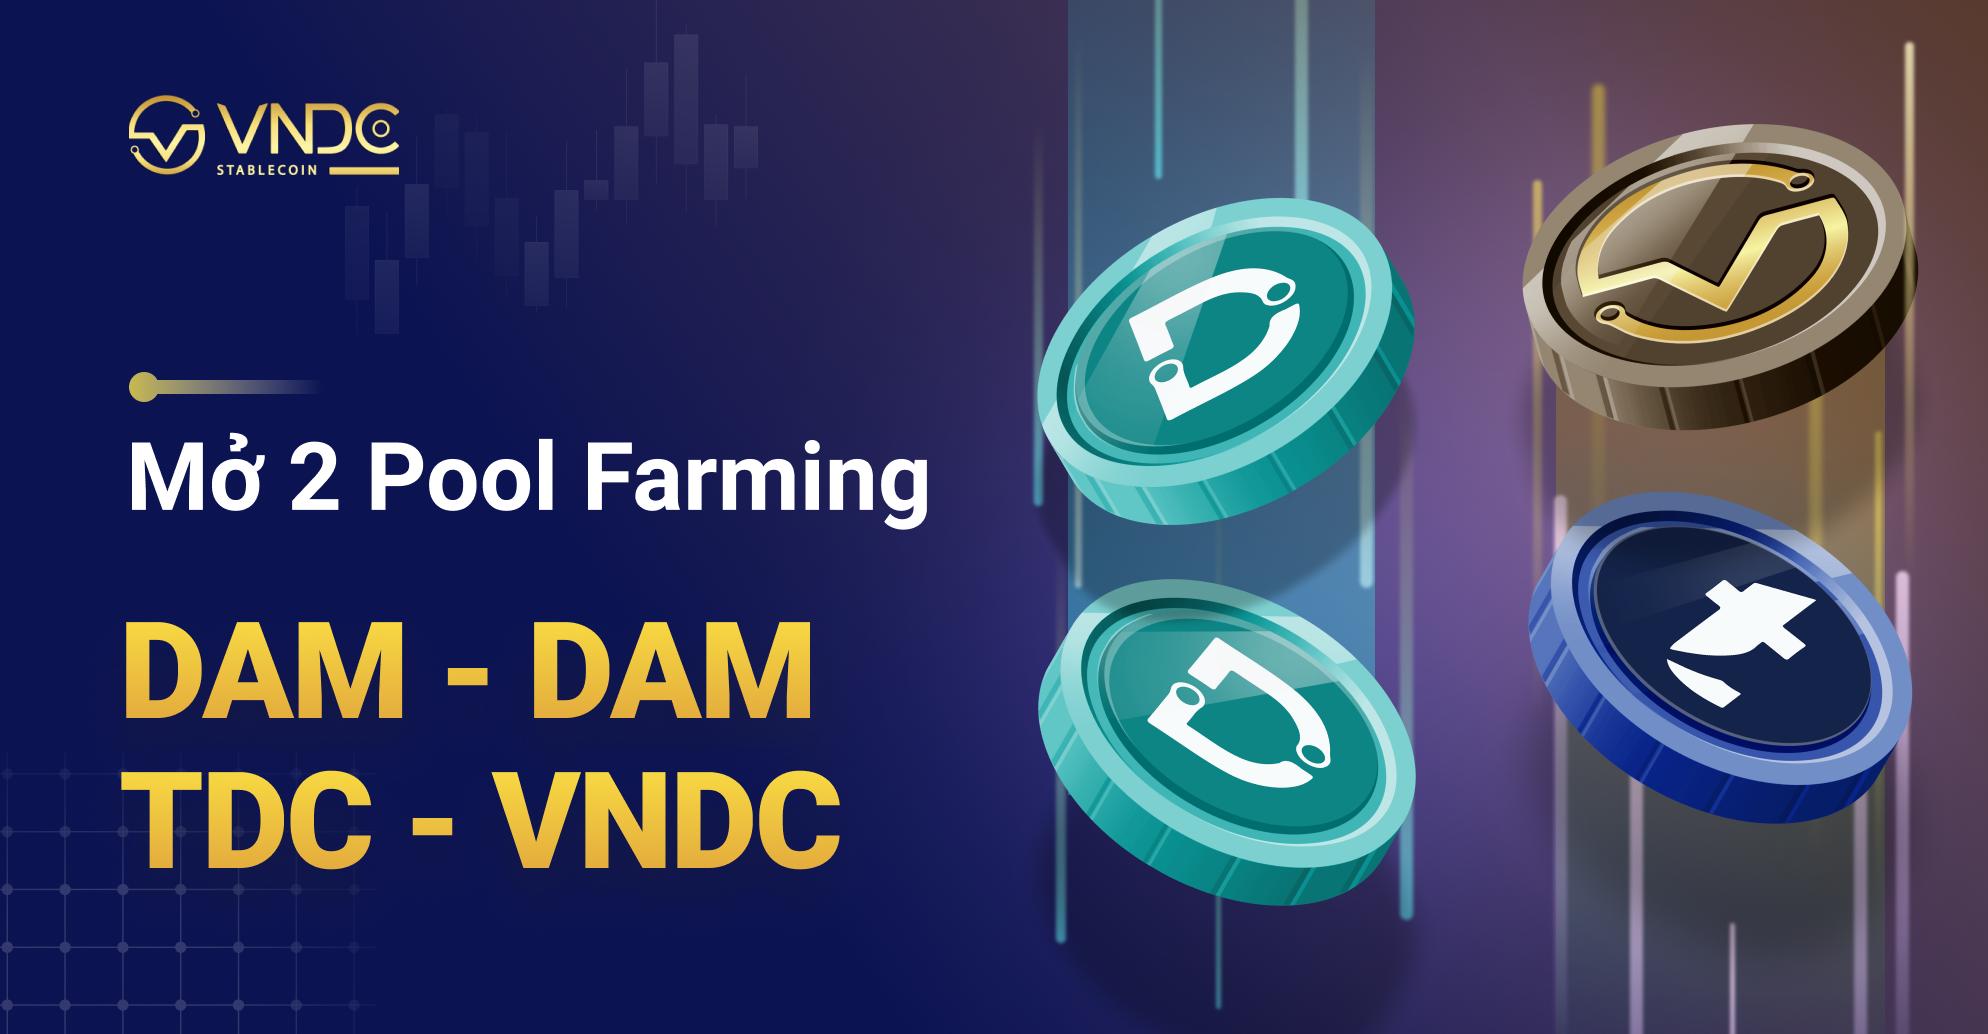 Mở 2 Pool Farming DAM – DAM và TDC – VNDC